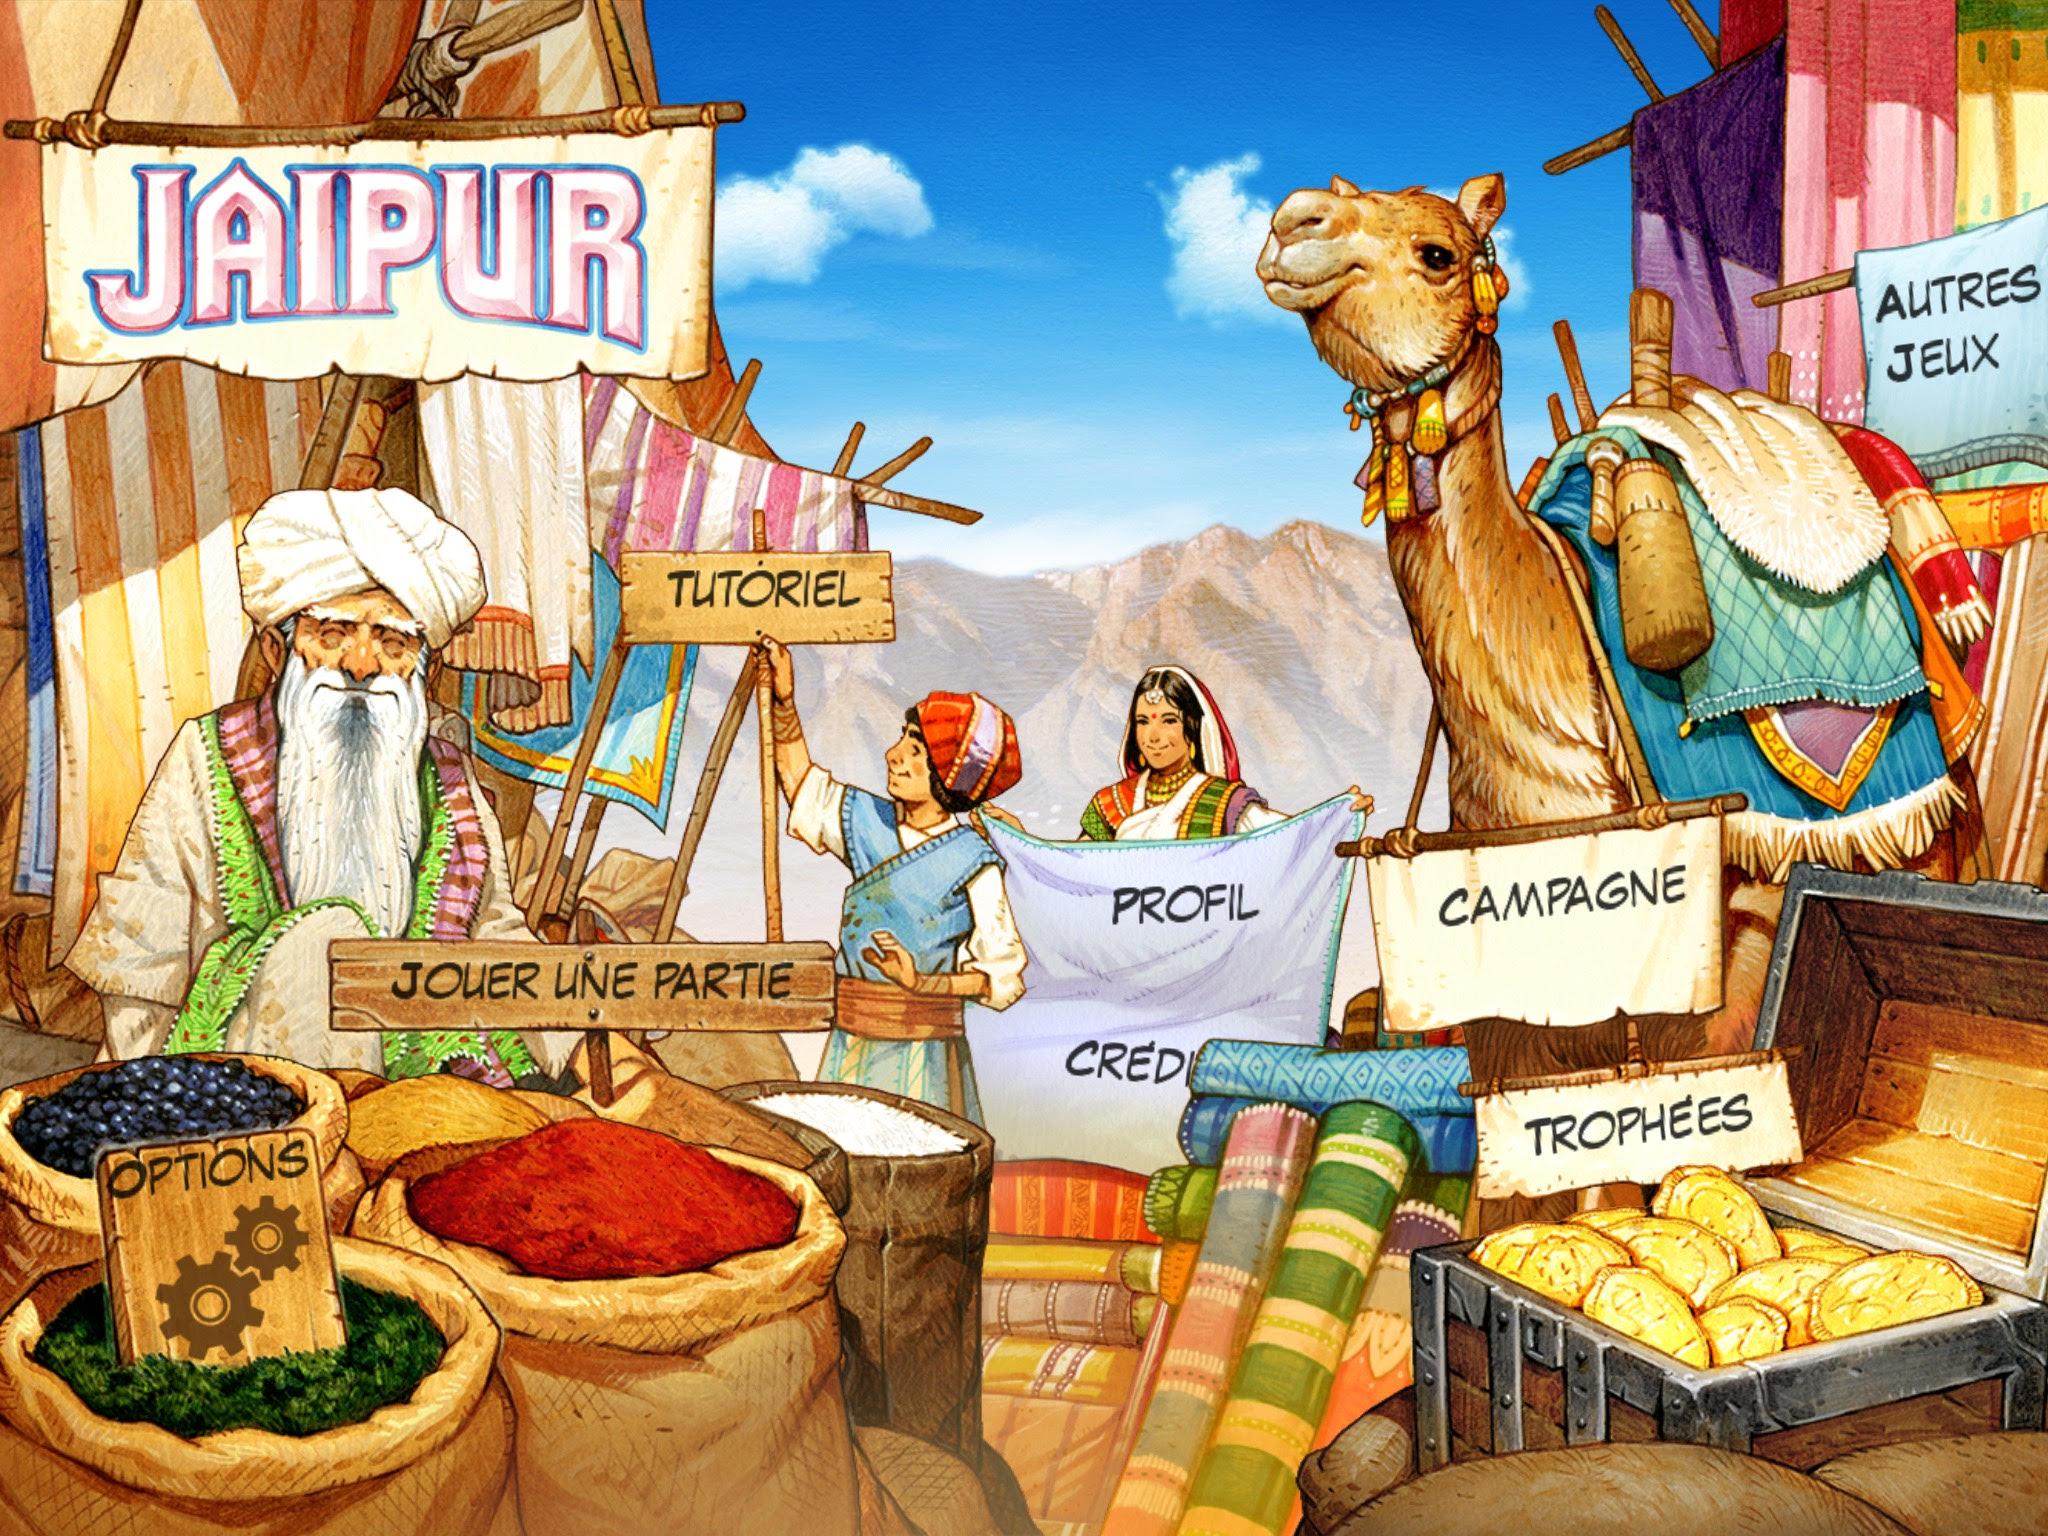 Jaïpur, dont les illustrations ont été retravaillées par Vincent Dutrait